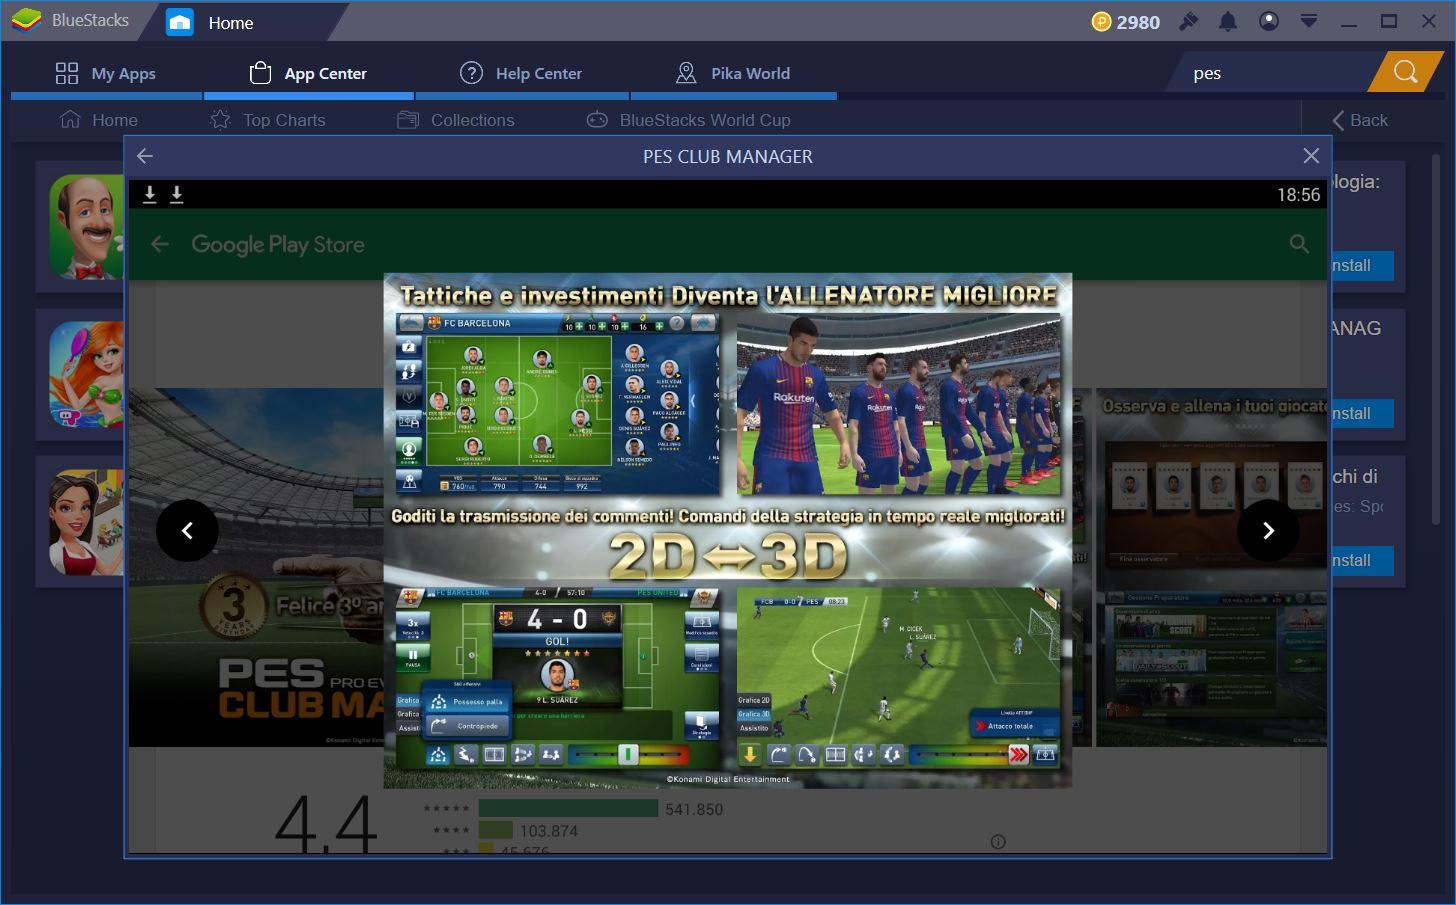 Cinque Giochi simili a FIFA Mobile